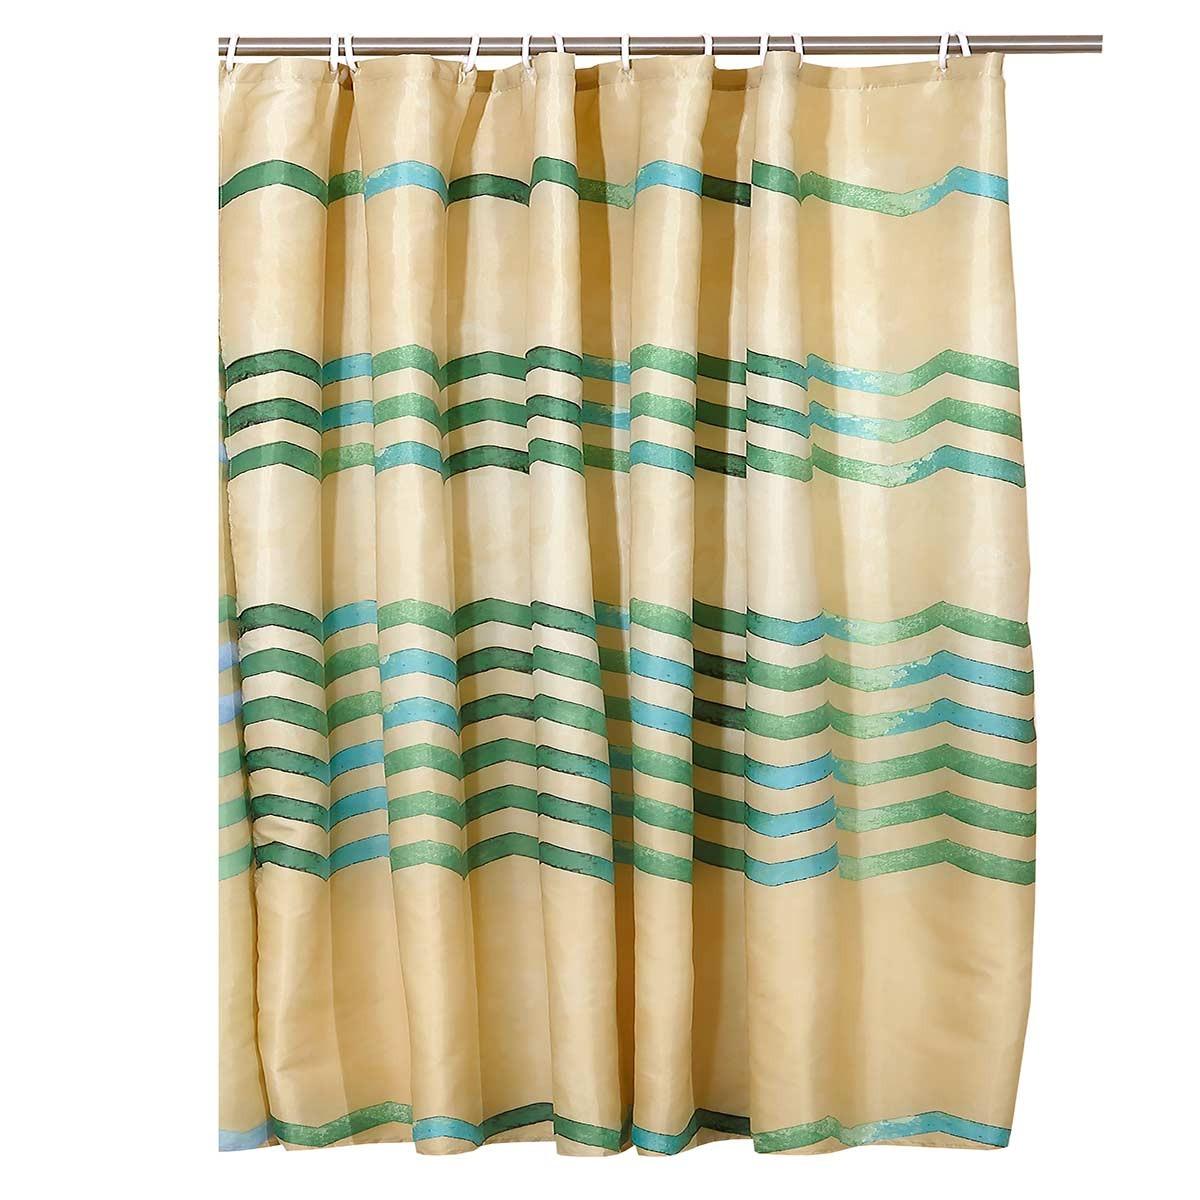 Κουρτίνα Μπάνιου (240×180) Viopros Ζικ Ζακ Πράσινο